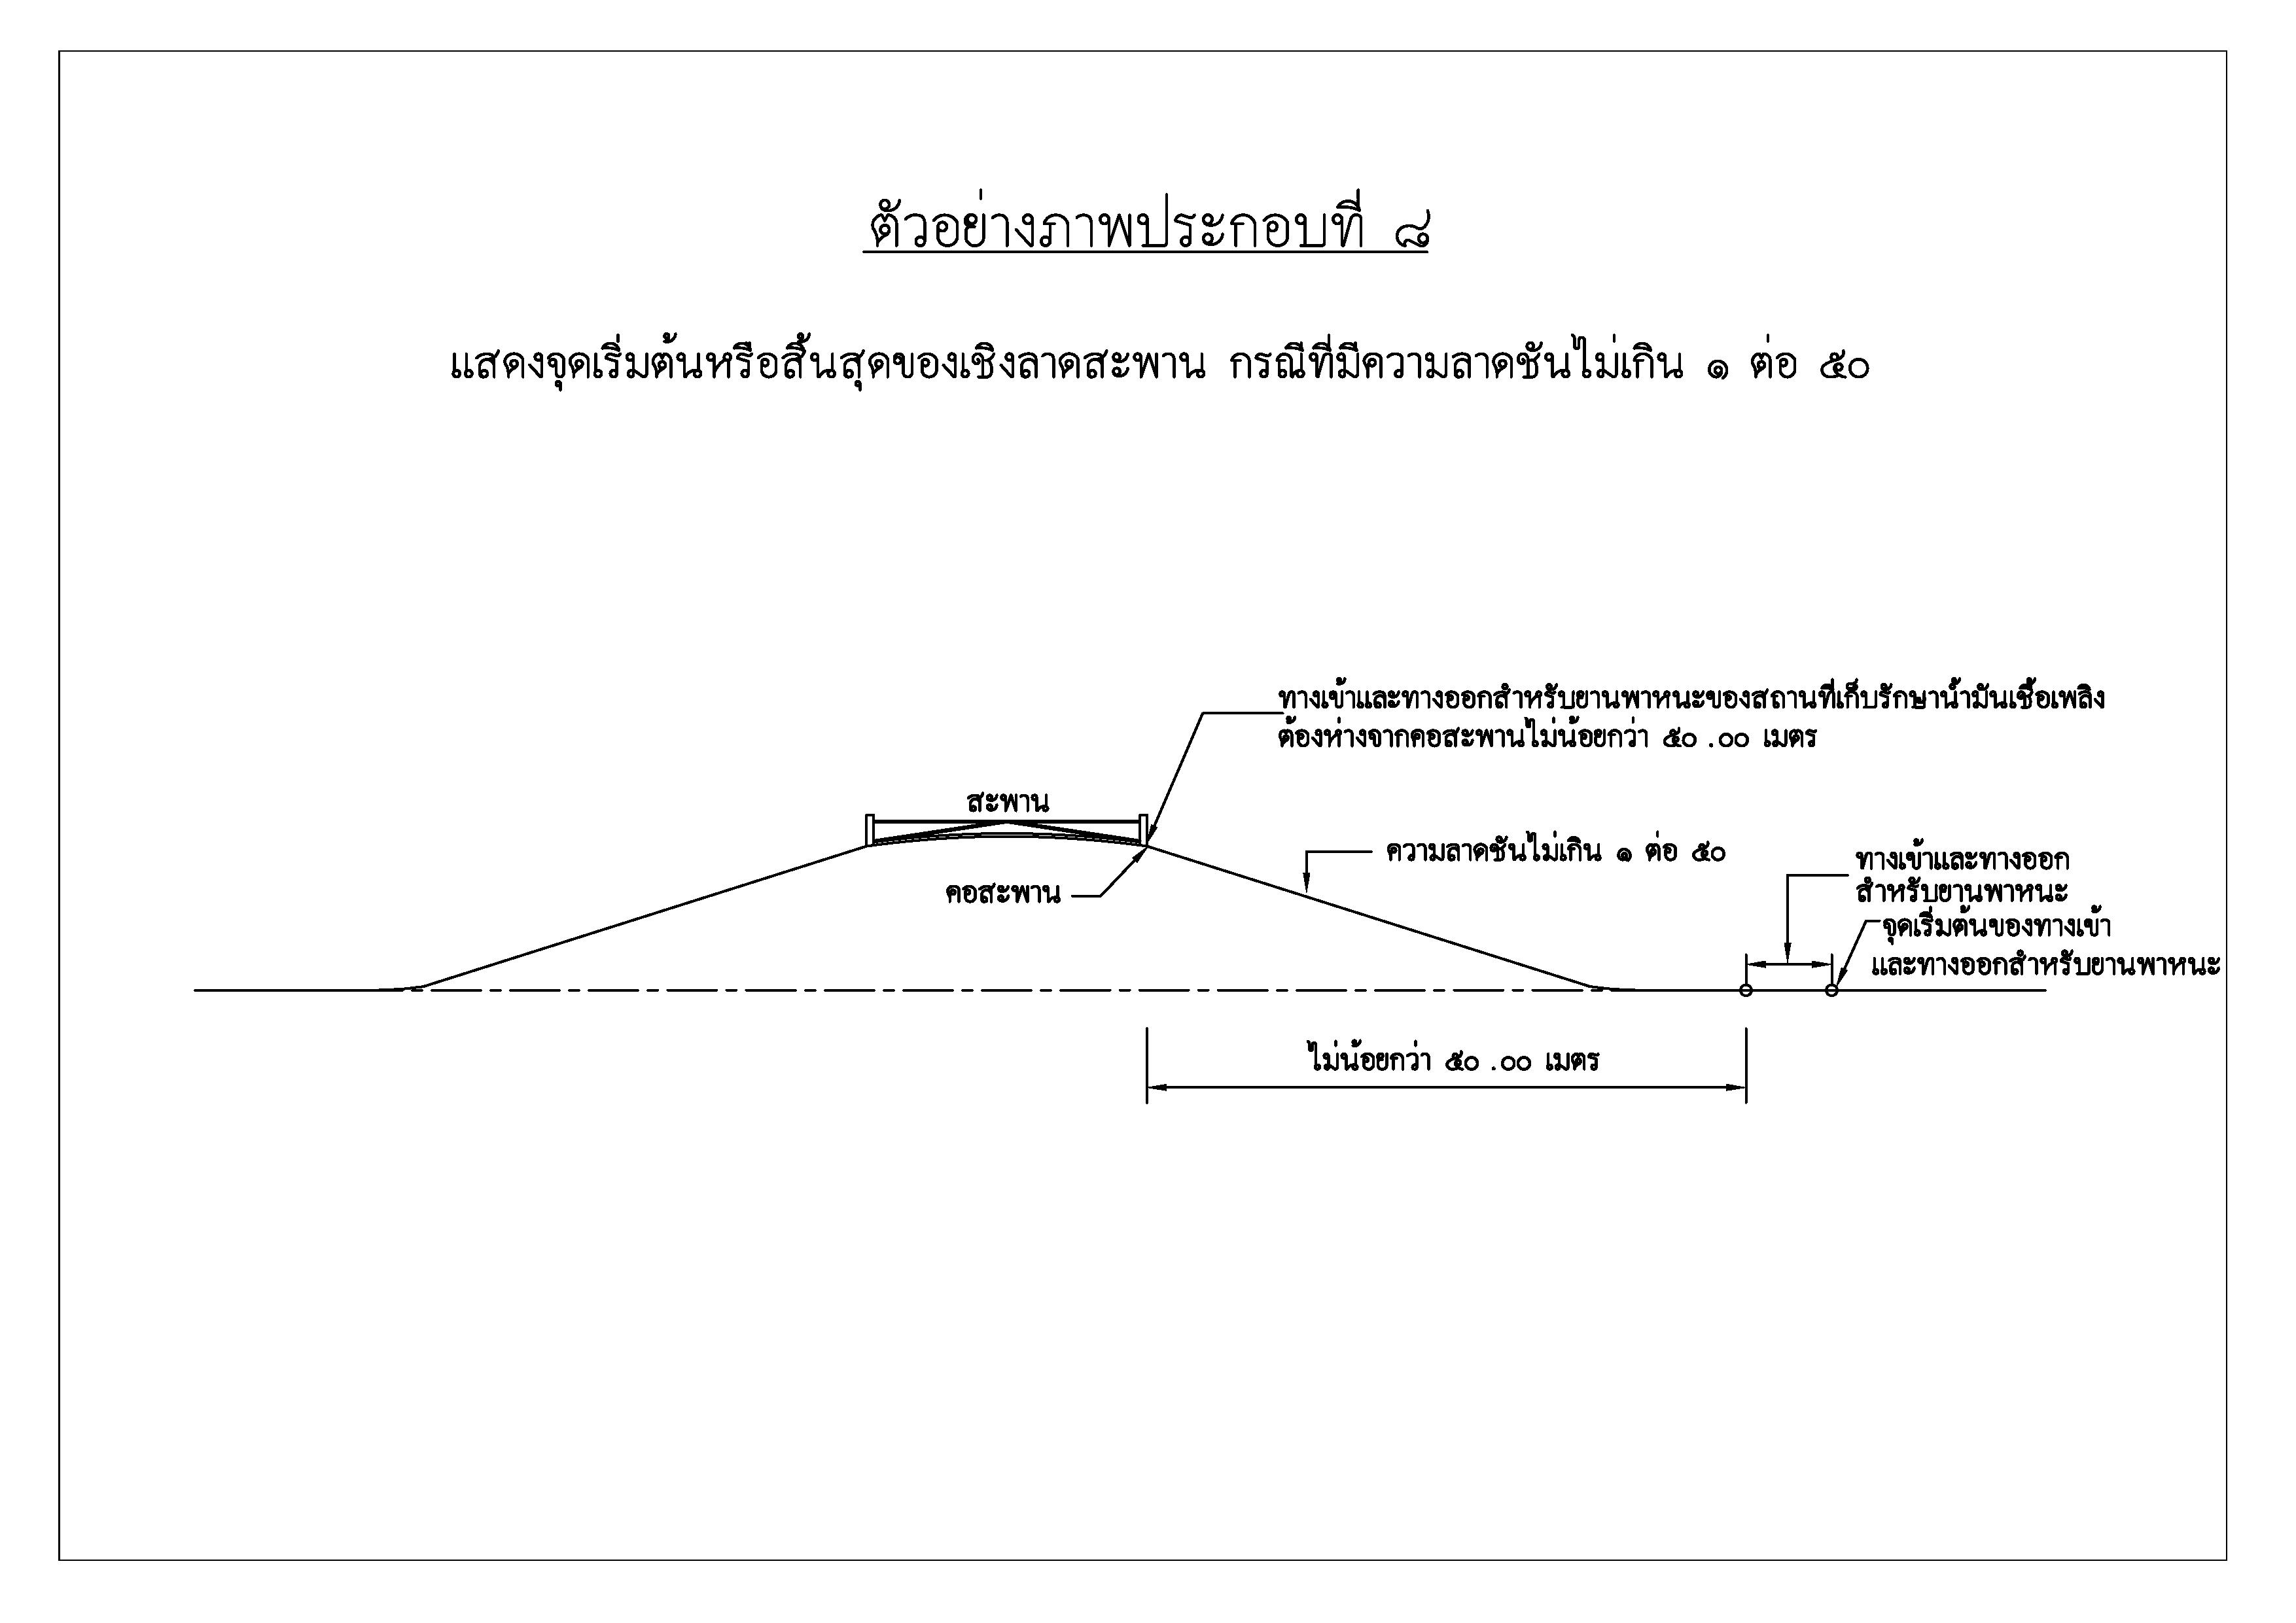 กฎกระทรวง สถานที่เก็บรักษาน้ำมันเชื้อเพลิง พ.ศ. ๒๕๕๑